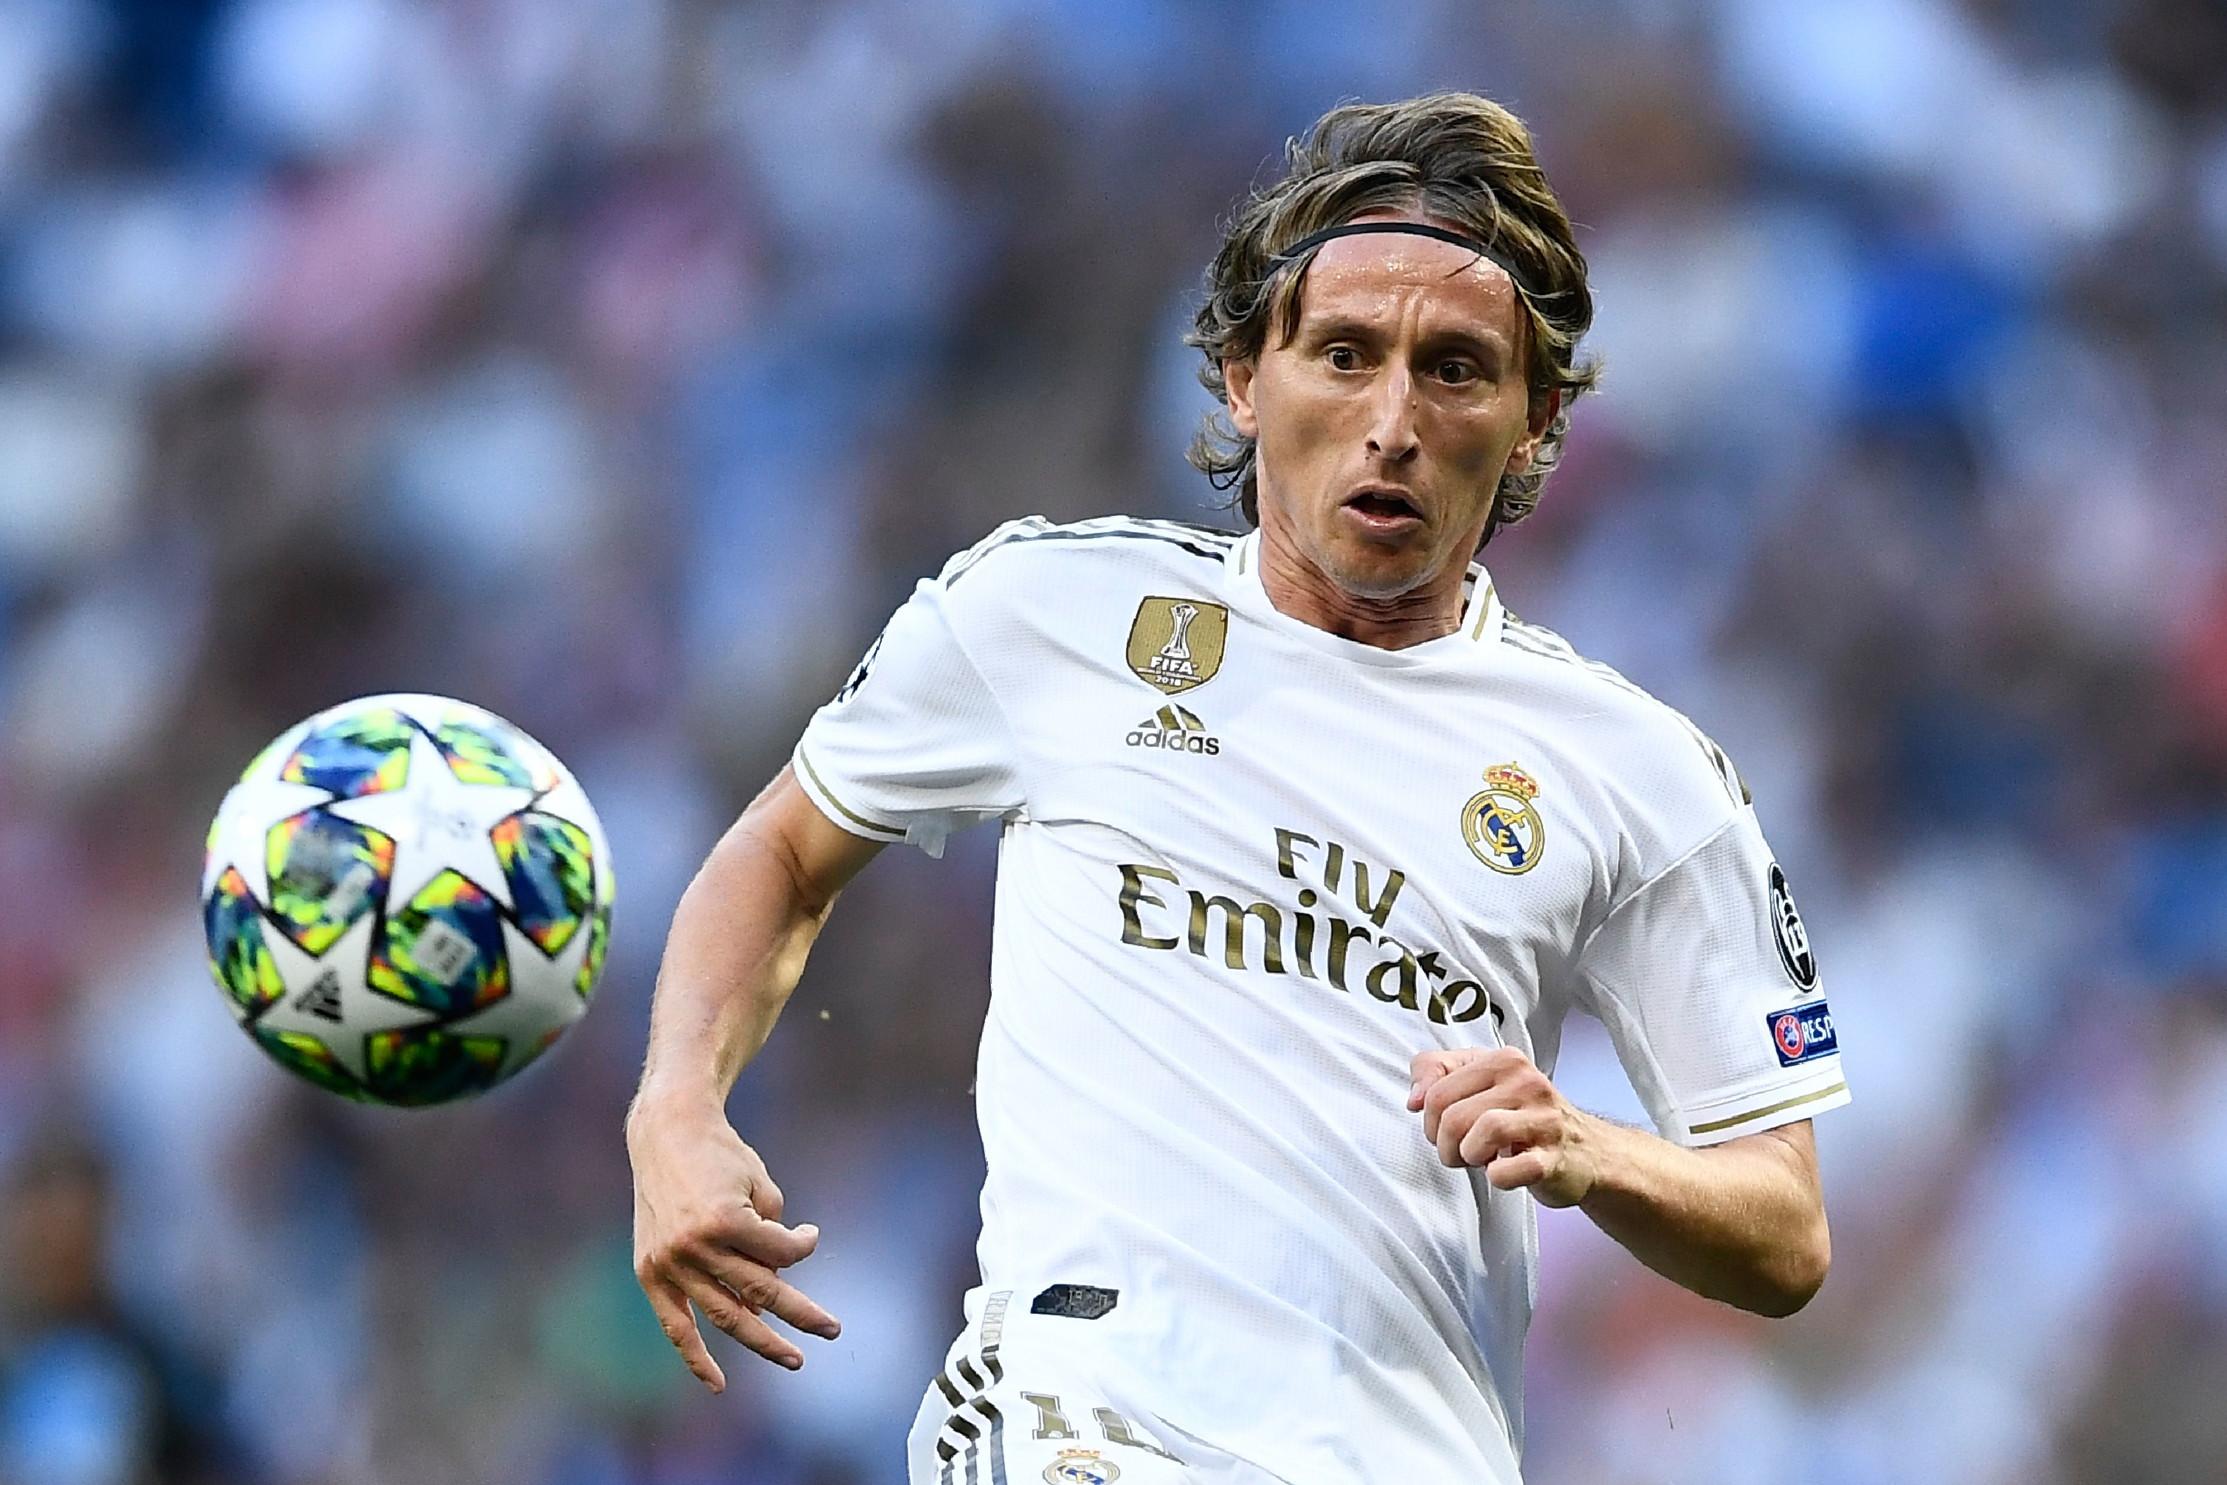 Luka Modric (Real Madrid): detiene un record negativo, è il primo giocatore nella storia del Pallone d'Oro a non essere candidato al premio l'anno dopo averlo vinto